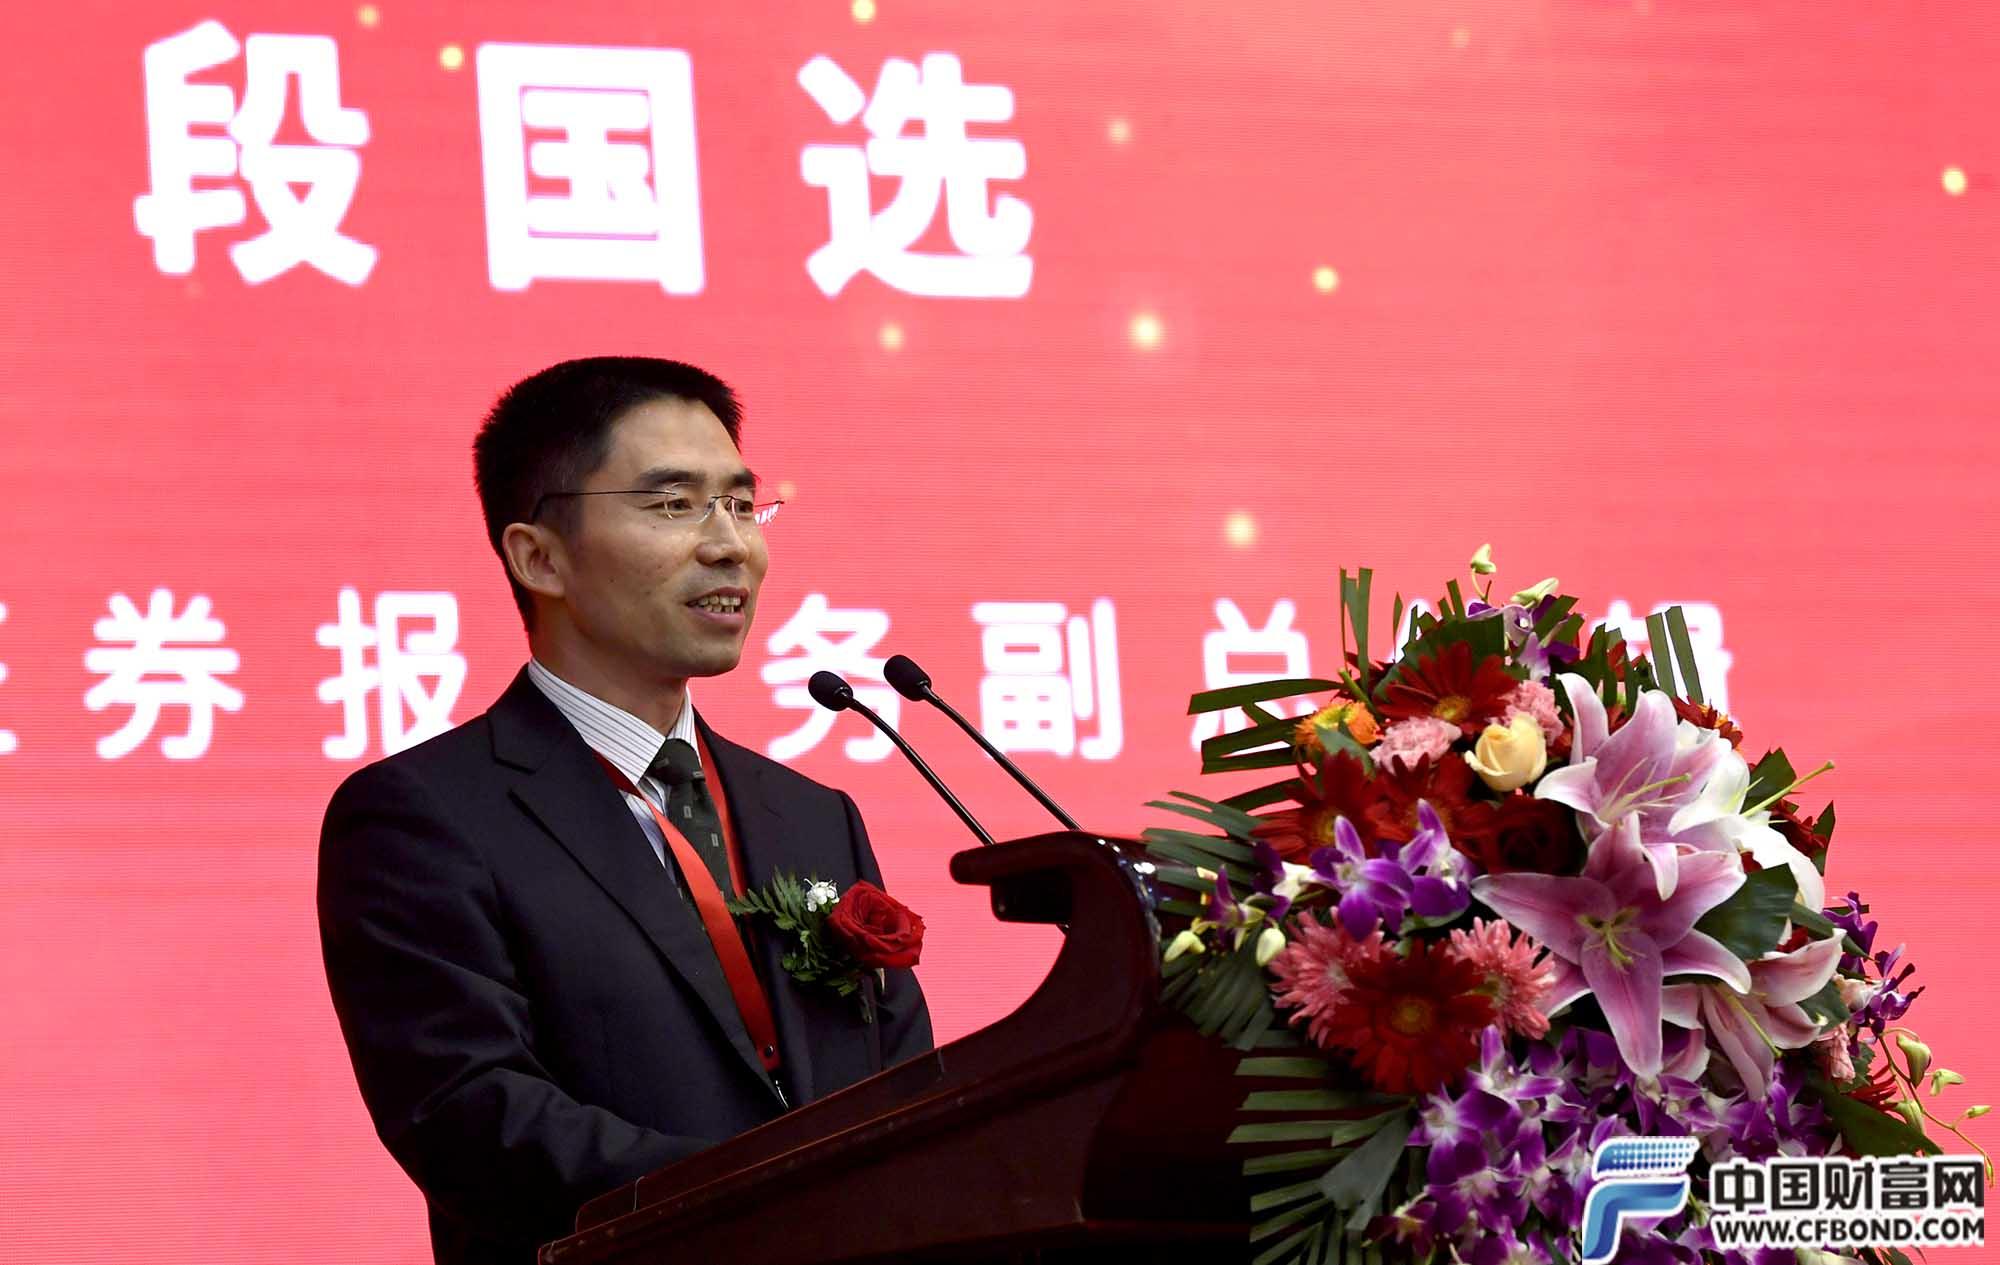 中国证券报常务副总编辑段国选致辞